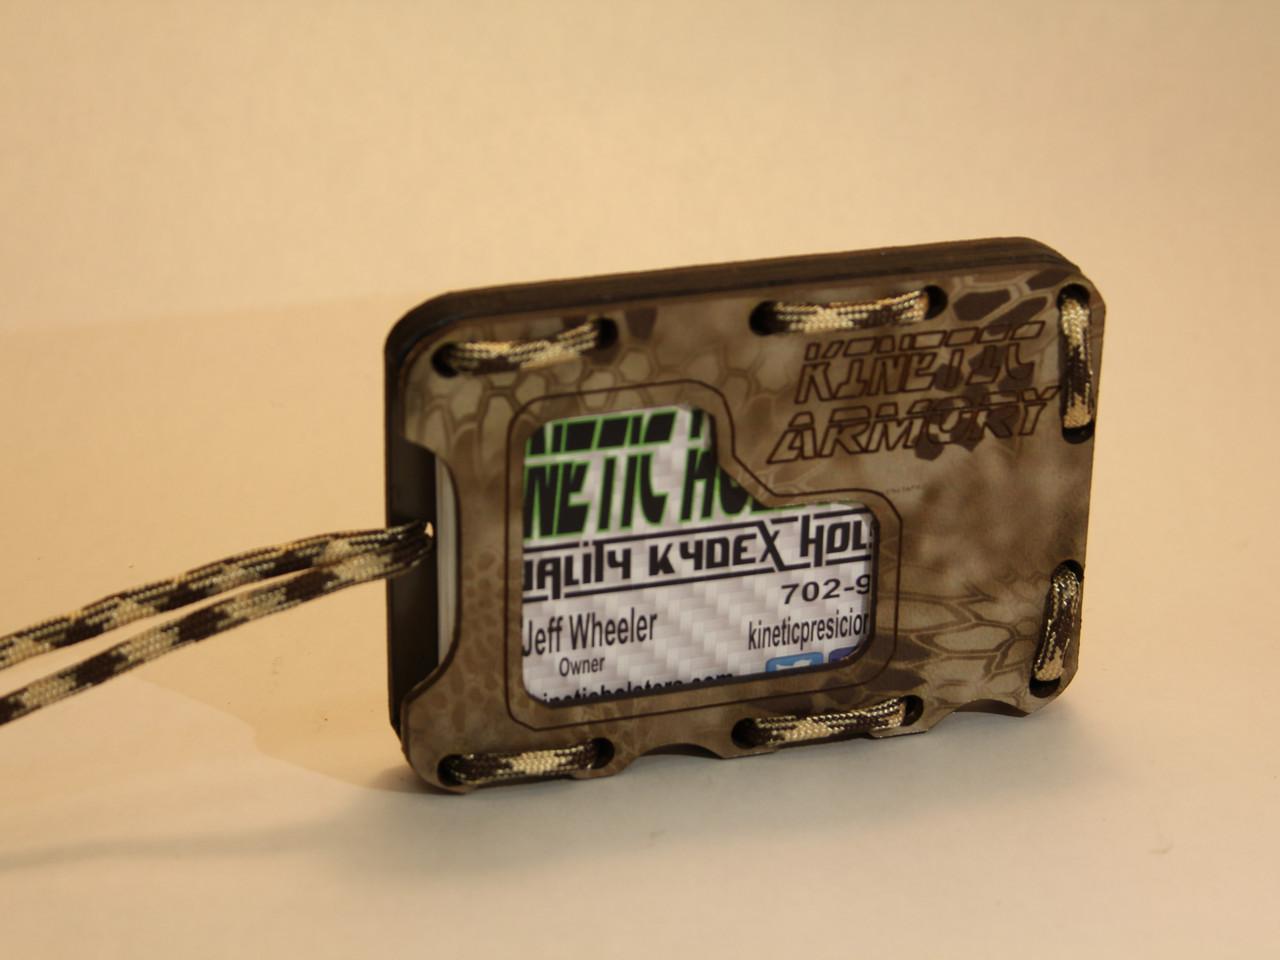 Kydex EDC MInimalist Wallet